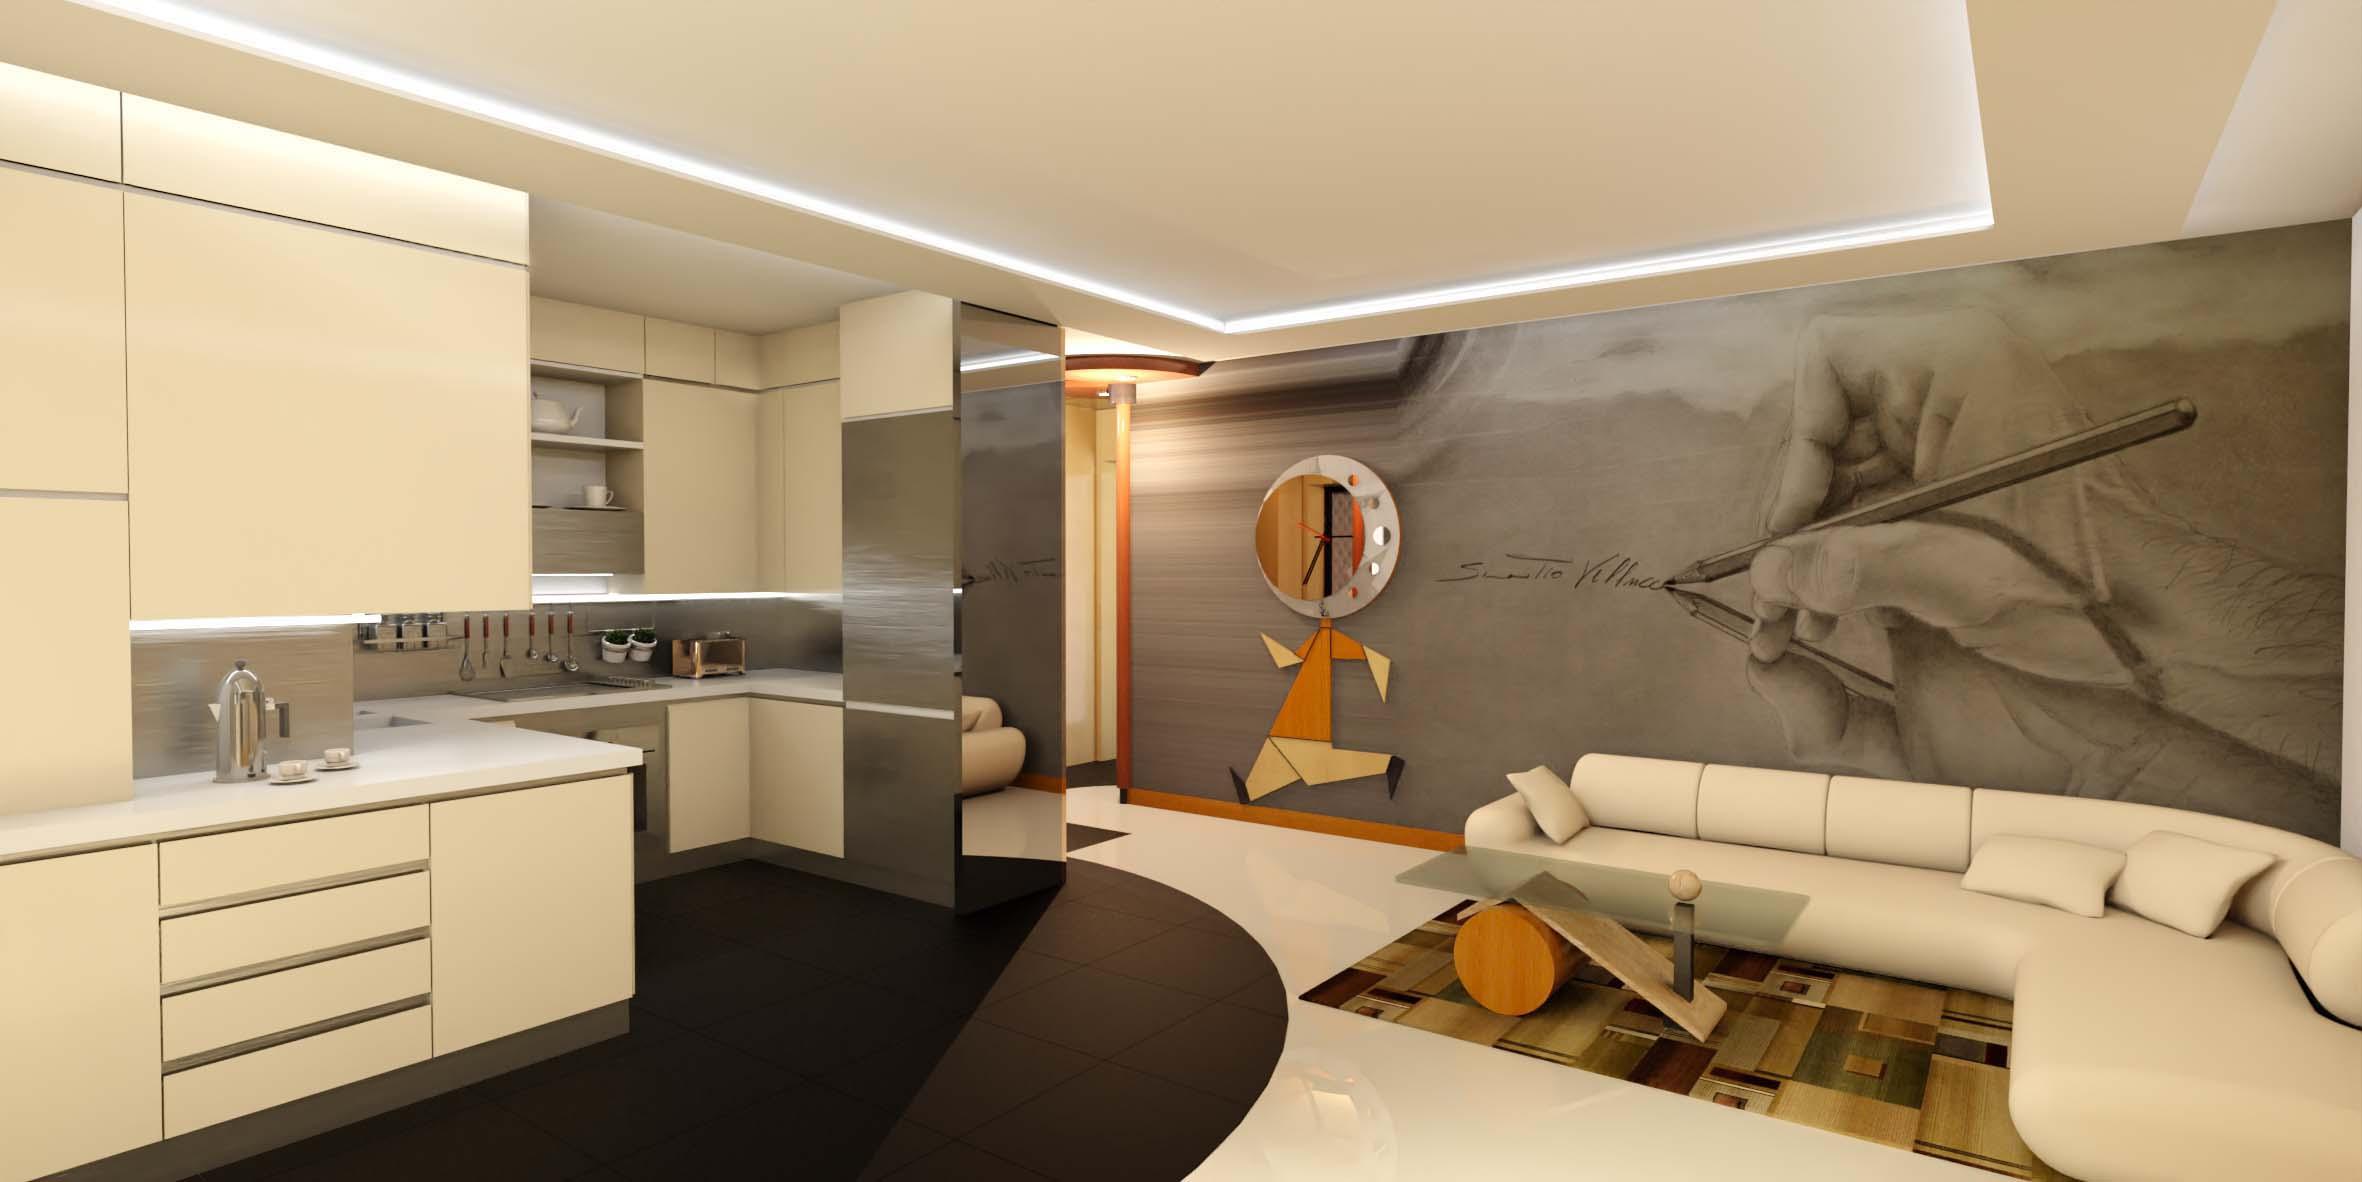 Interior design ENG